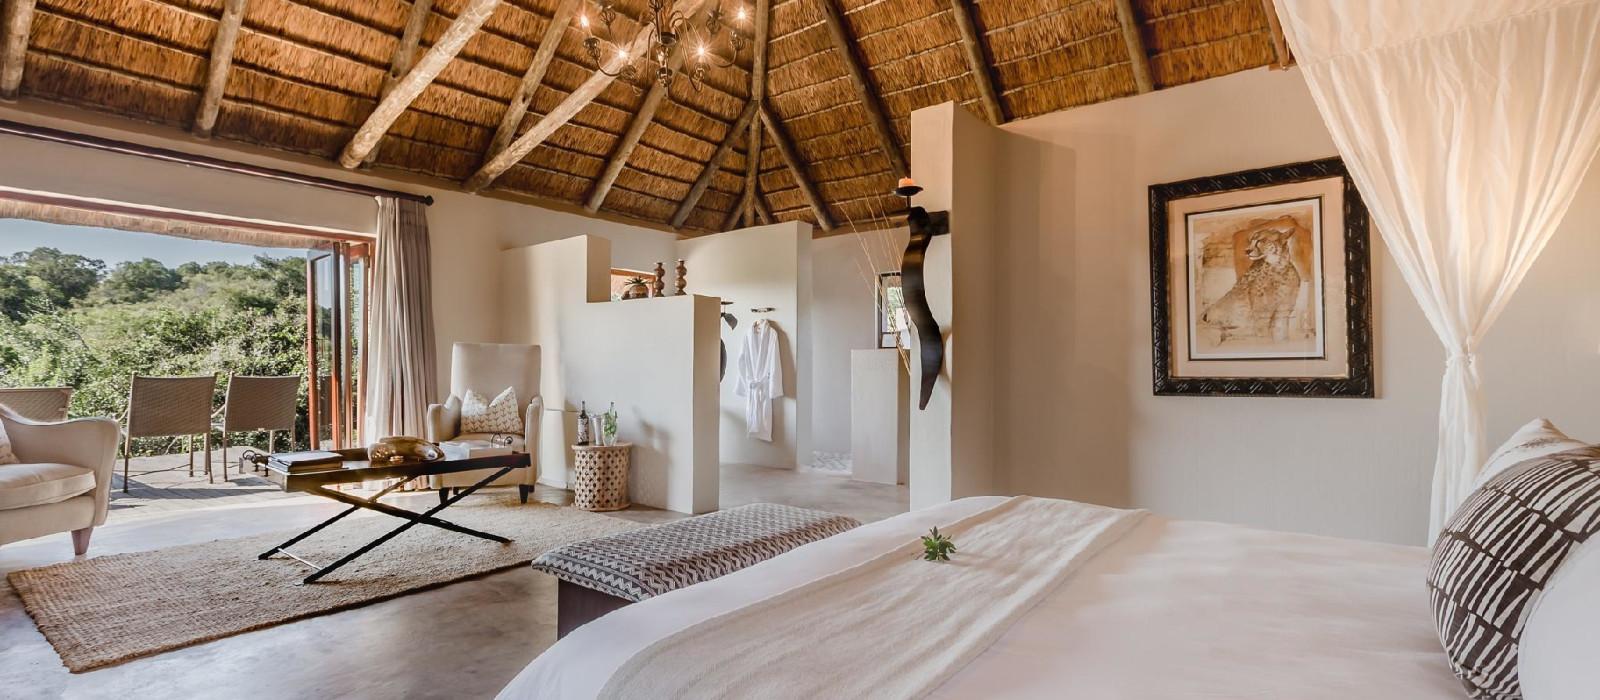 Hotel Amakhala Bukela Game Lodge South Africa